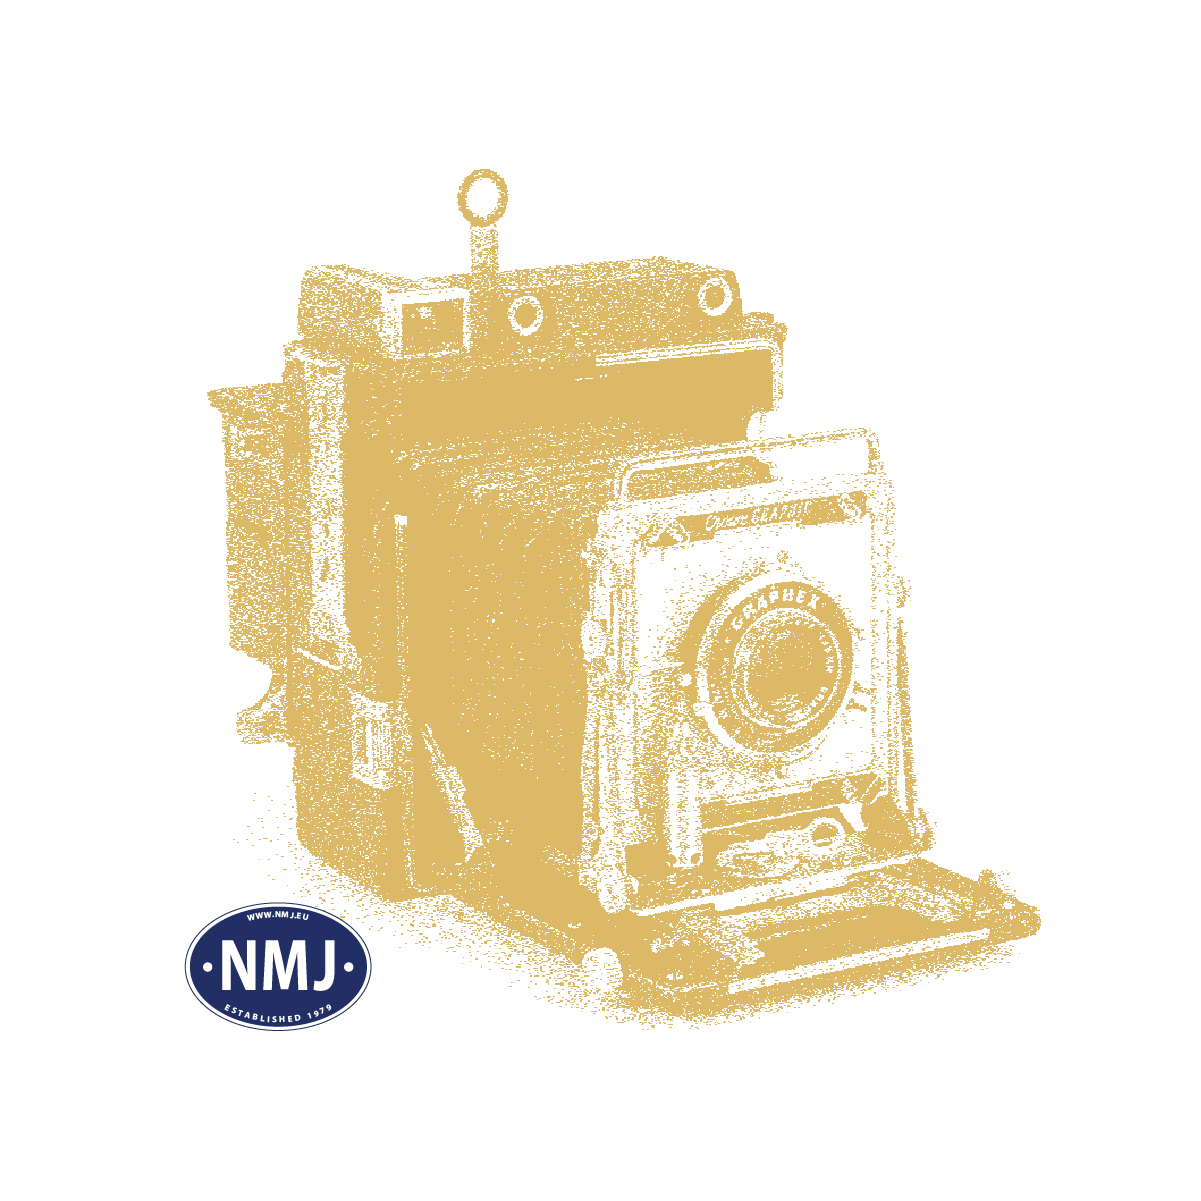 MBR226 - Kandisk Poppel, 14-18 Cm